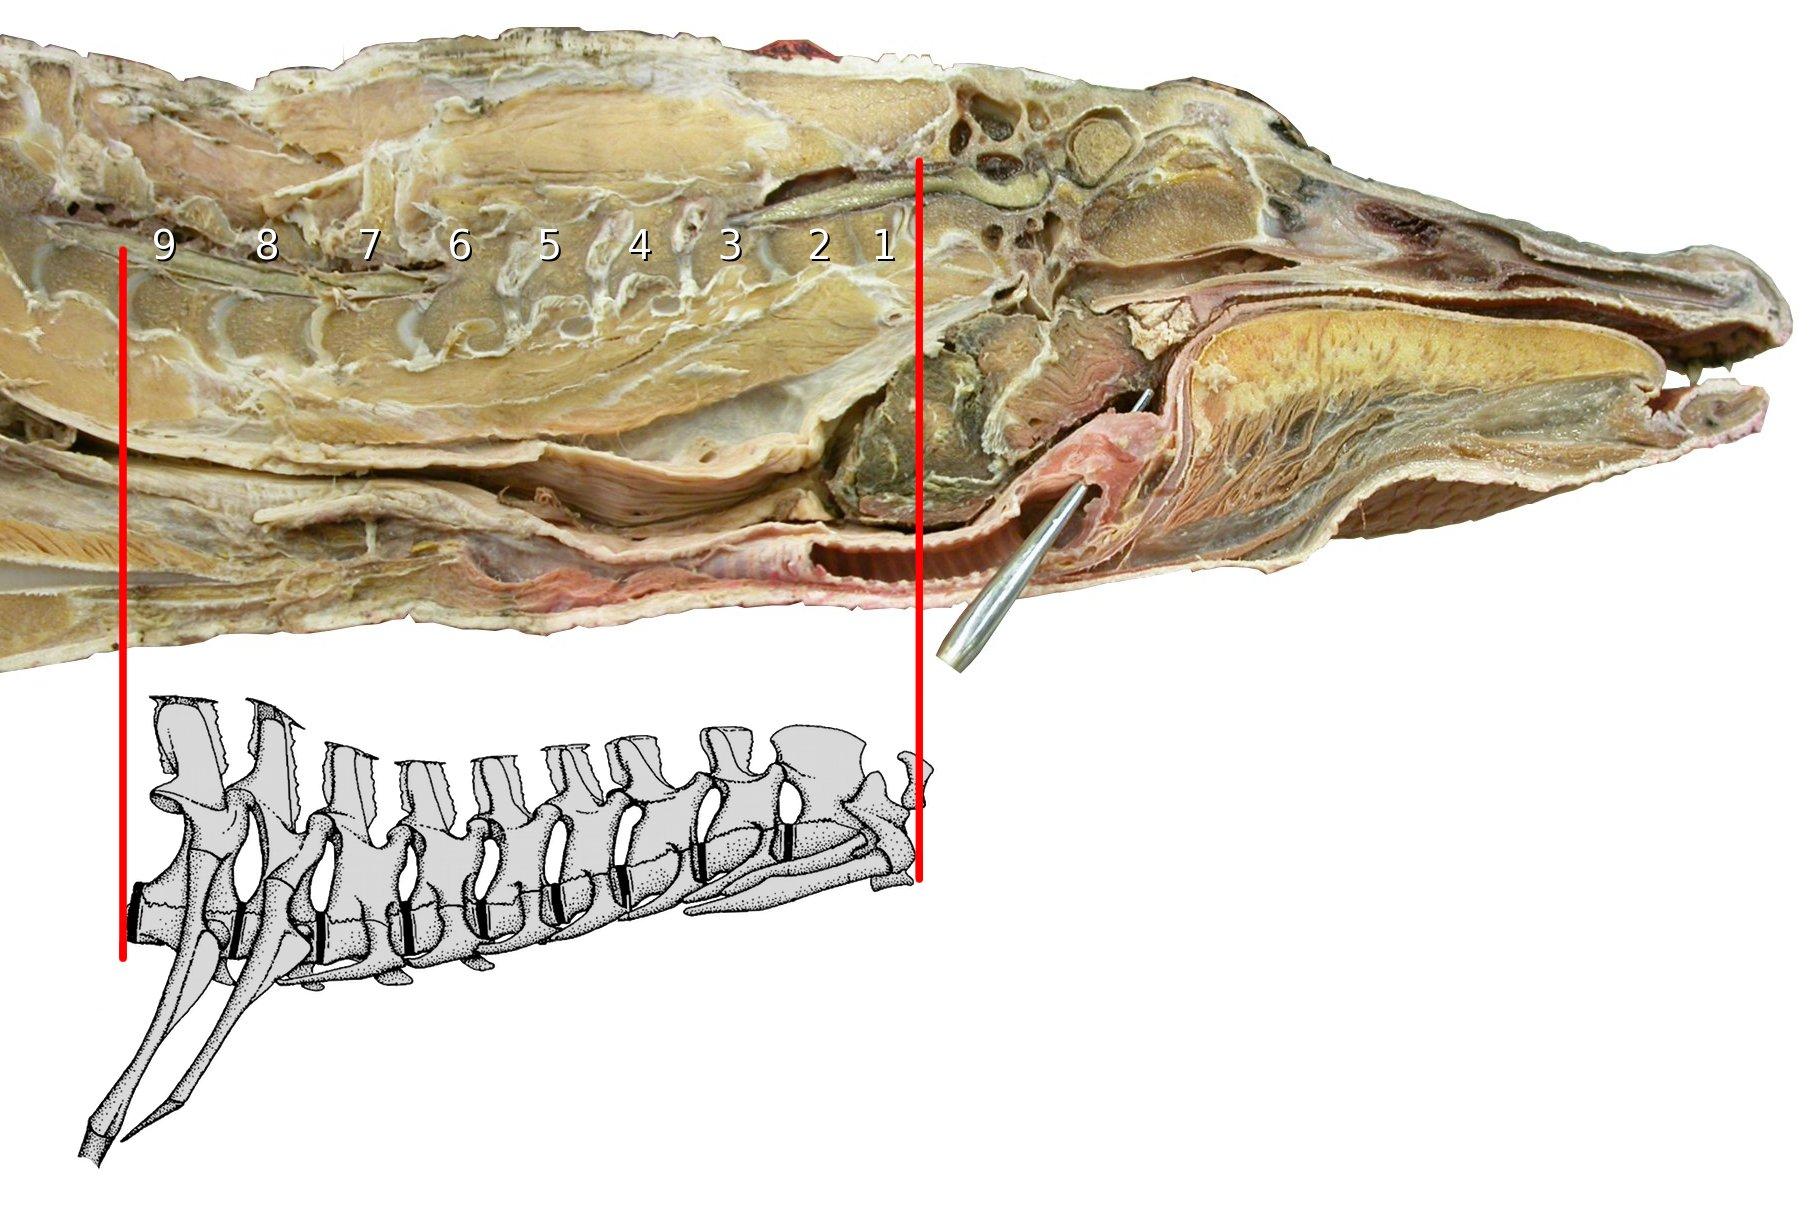 Taylor and Wedel (2013b) on neck cartilage | Sauropod Vertebra ...